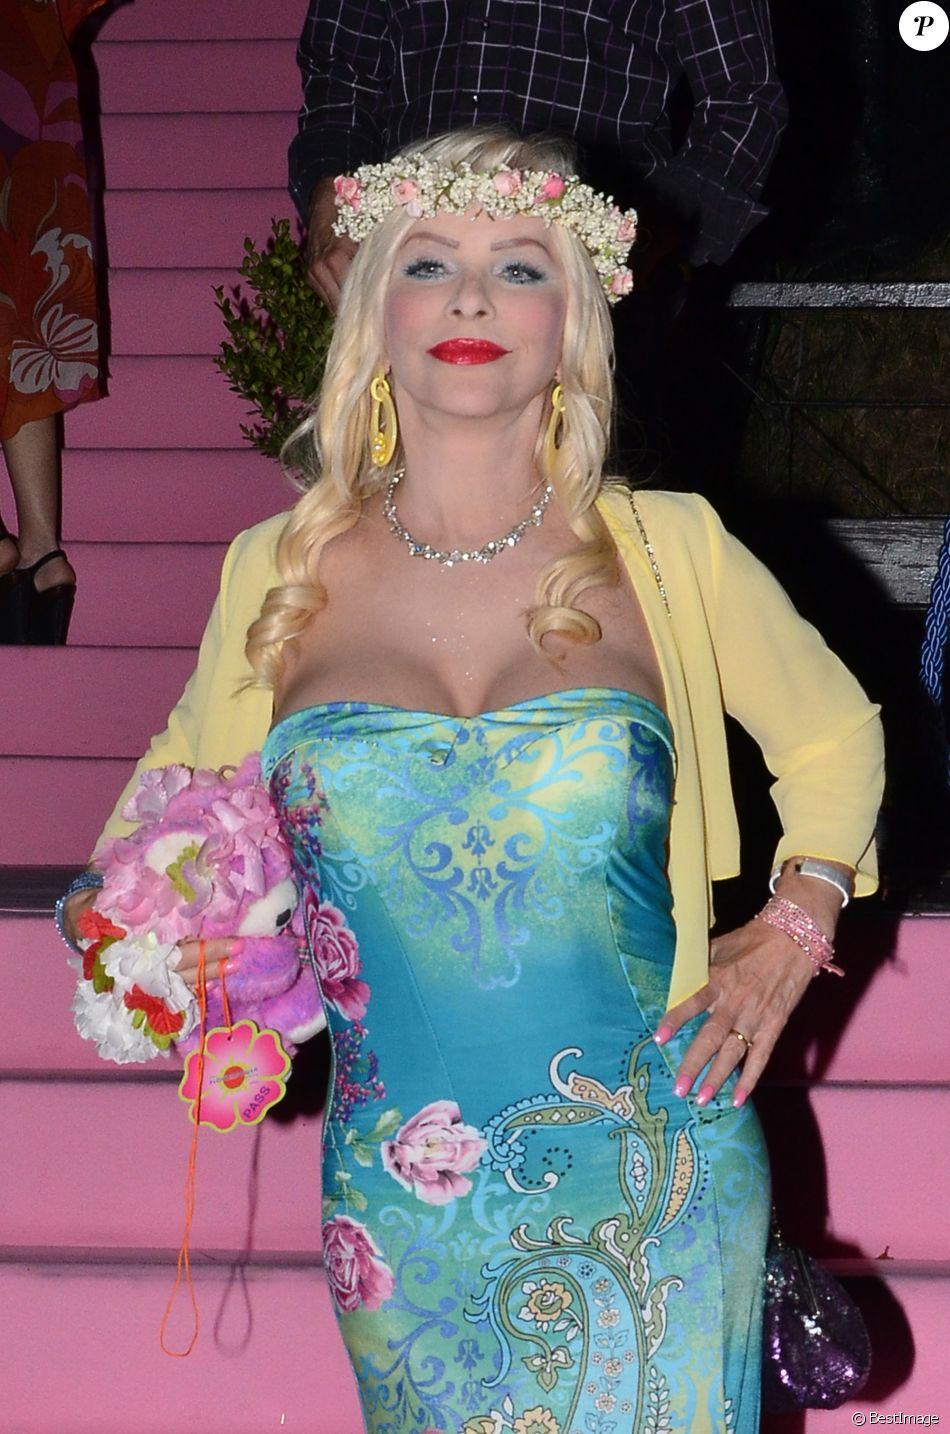 La Cicciolina (Ilona Staller) participe à la Flower Power Party organisée à Rome, le 15 juillet 2014.